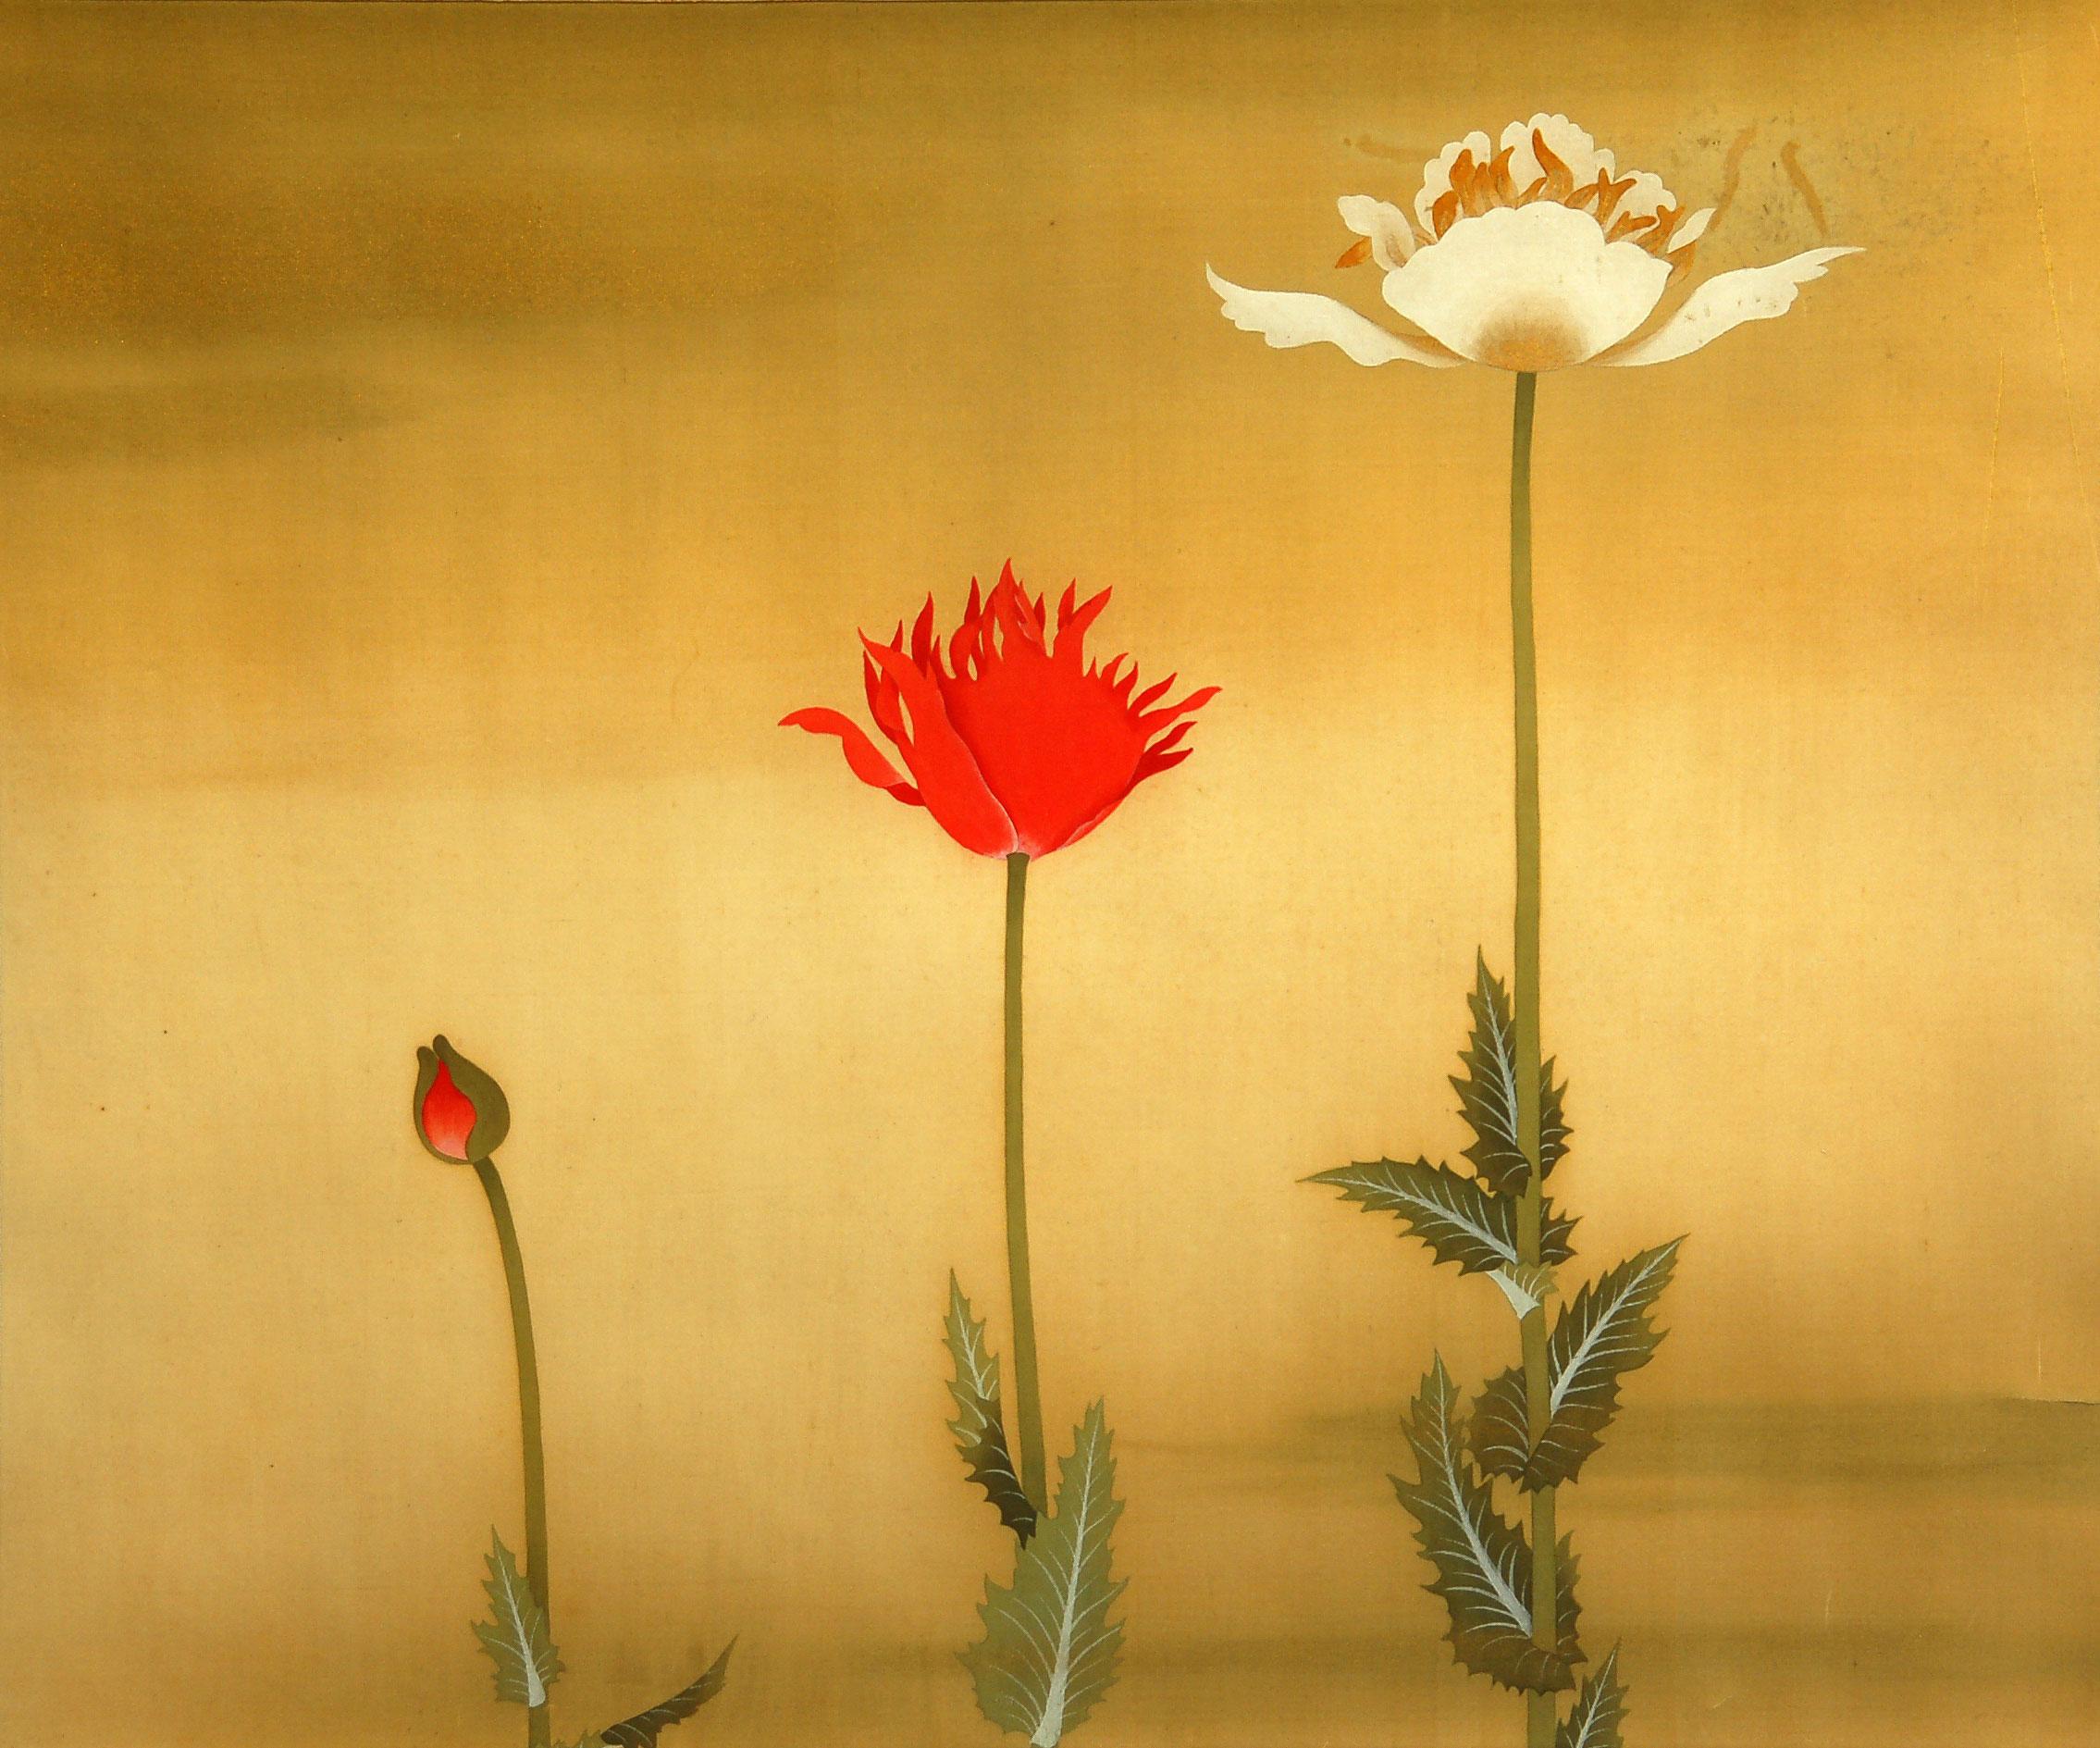 芥子花圖 - Opium Poppy